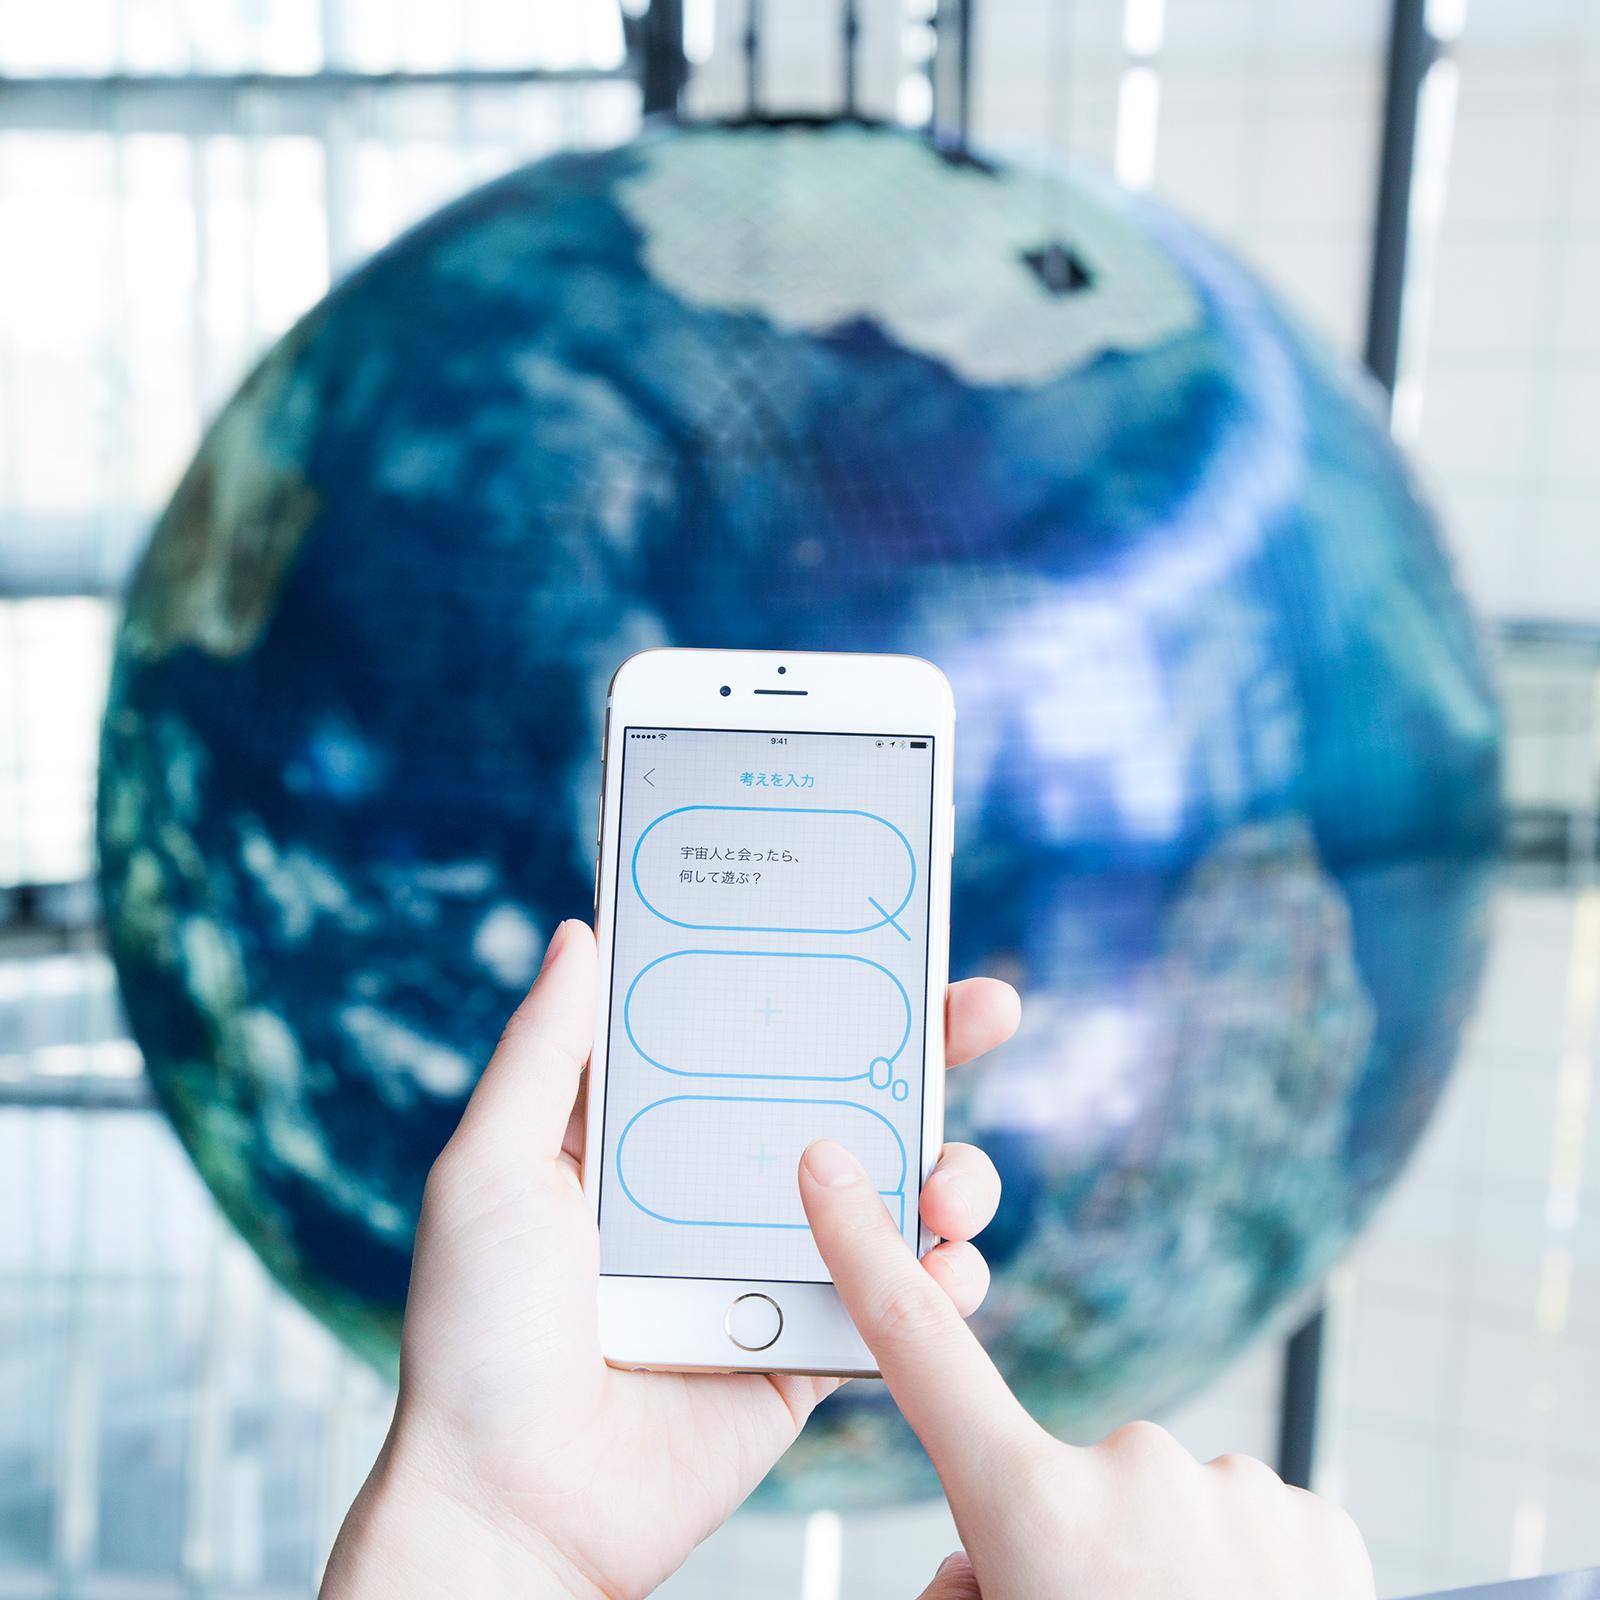 未来館が提案する「未来をつくる思考法」を体験できる無料のスマートフォンアプリ「Miraikanノート」。すべての展示の見どころを紹介する音声ガイドは日本語、英語、中国語、韓国語の4カ国語対応。「未来をつくる思考法」を日常の生活の中で実践できるノート機能も搭載。